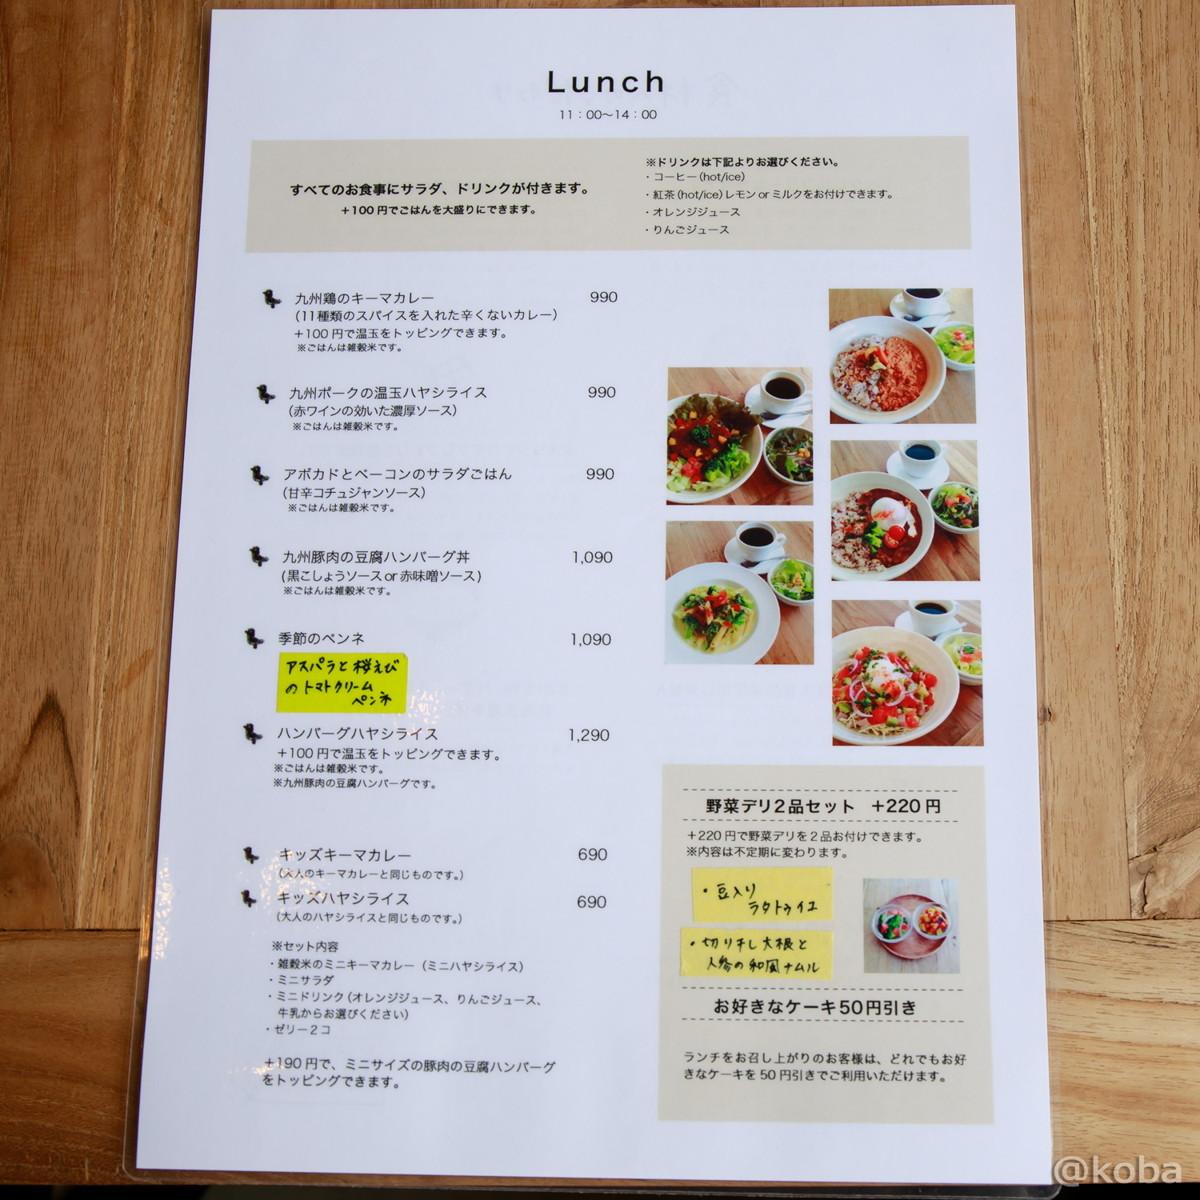 ランチメニュー 値段 価格│cafe マチノ木(まちのき)│カフェランチ│東京│新小岩ブログ